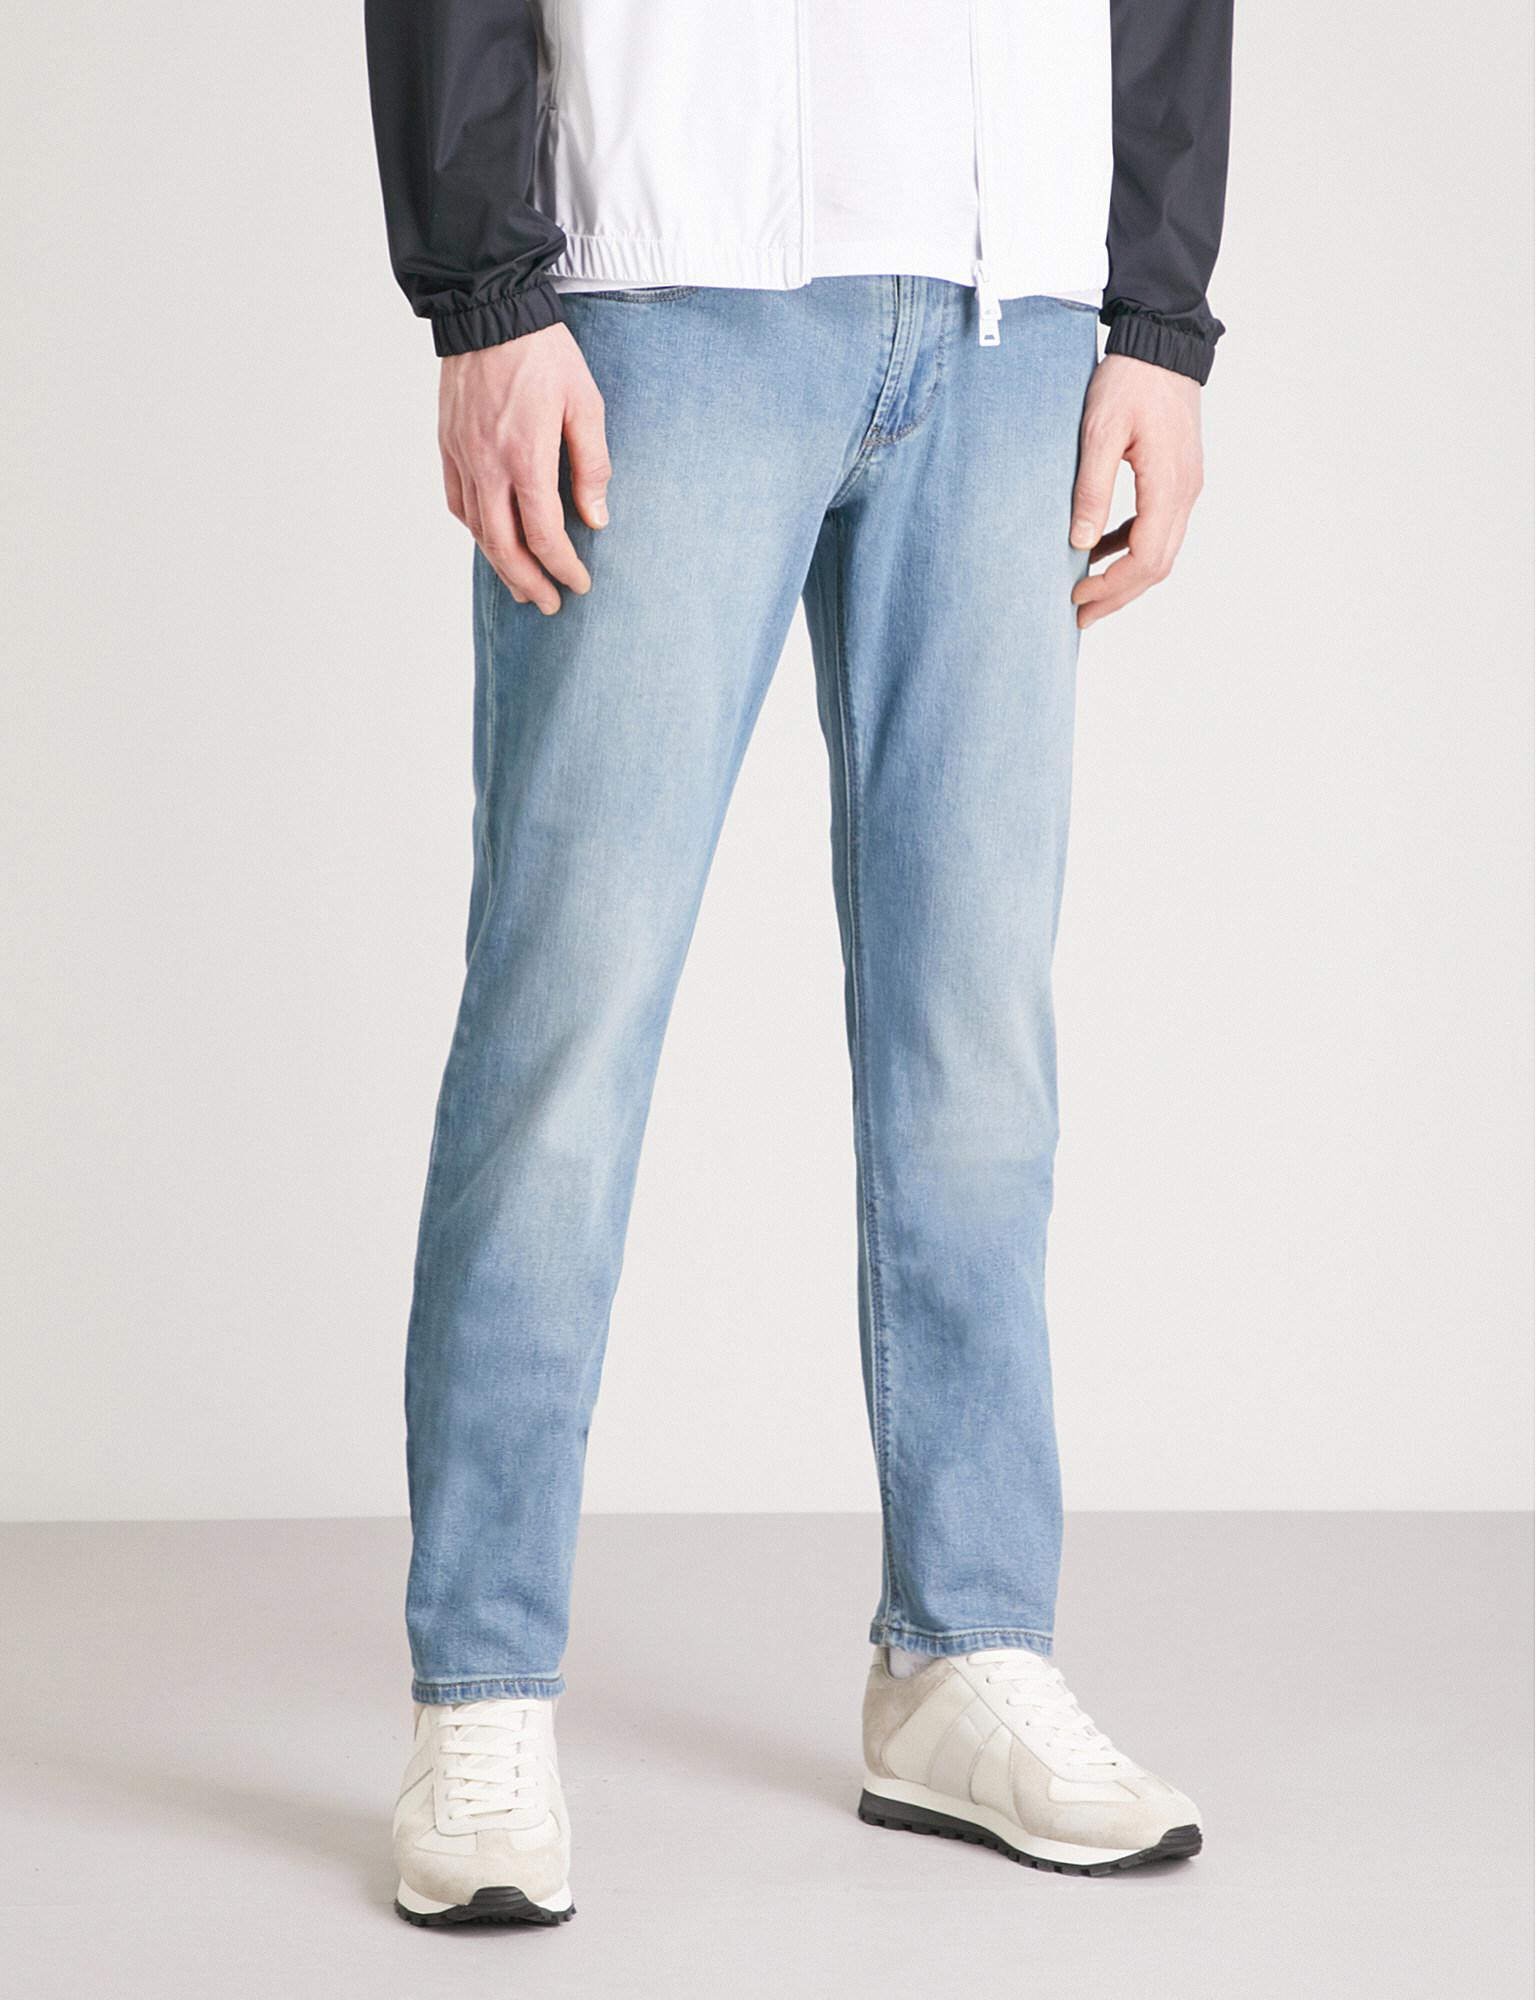 e0080ff7 Lyst - Emporio Armani J06 Slim-fit Straight Jeans in Blue for Men